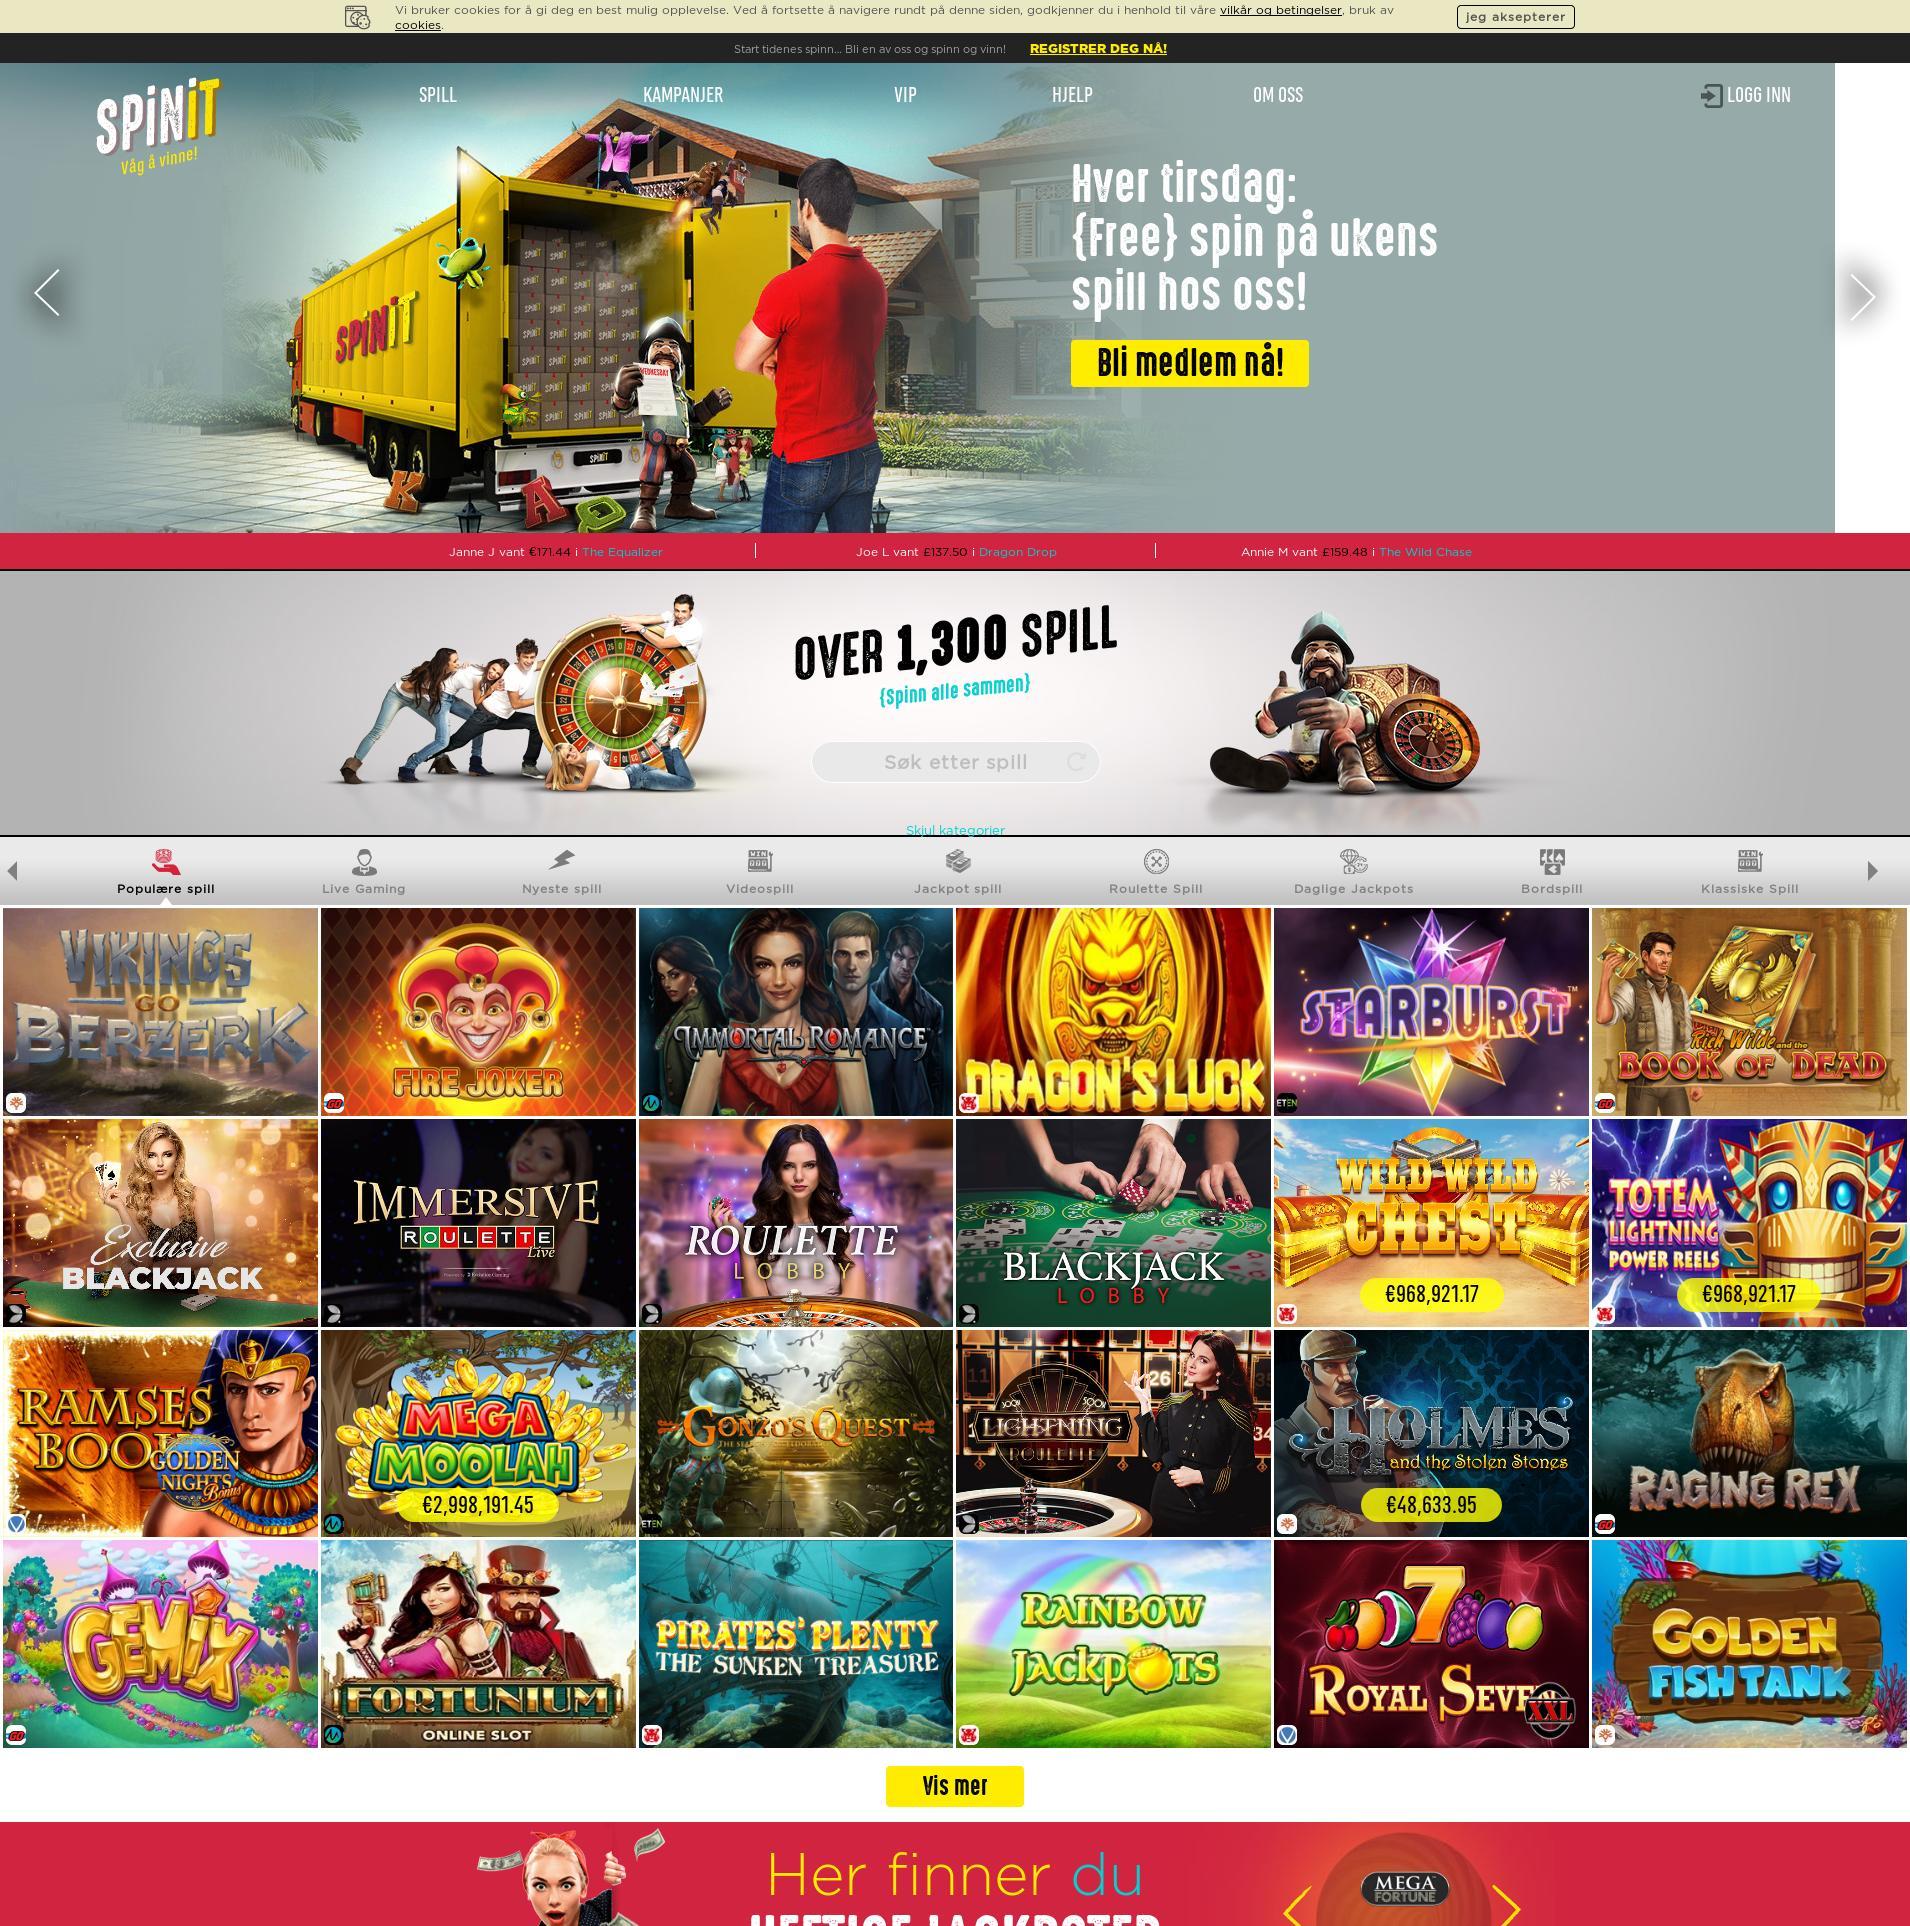 赌场的屏幕 Lobby 2019-08-19 对于 中国